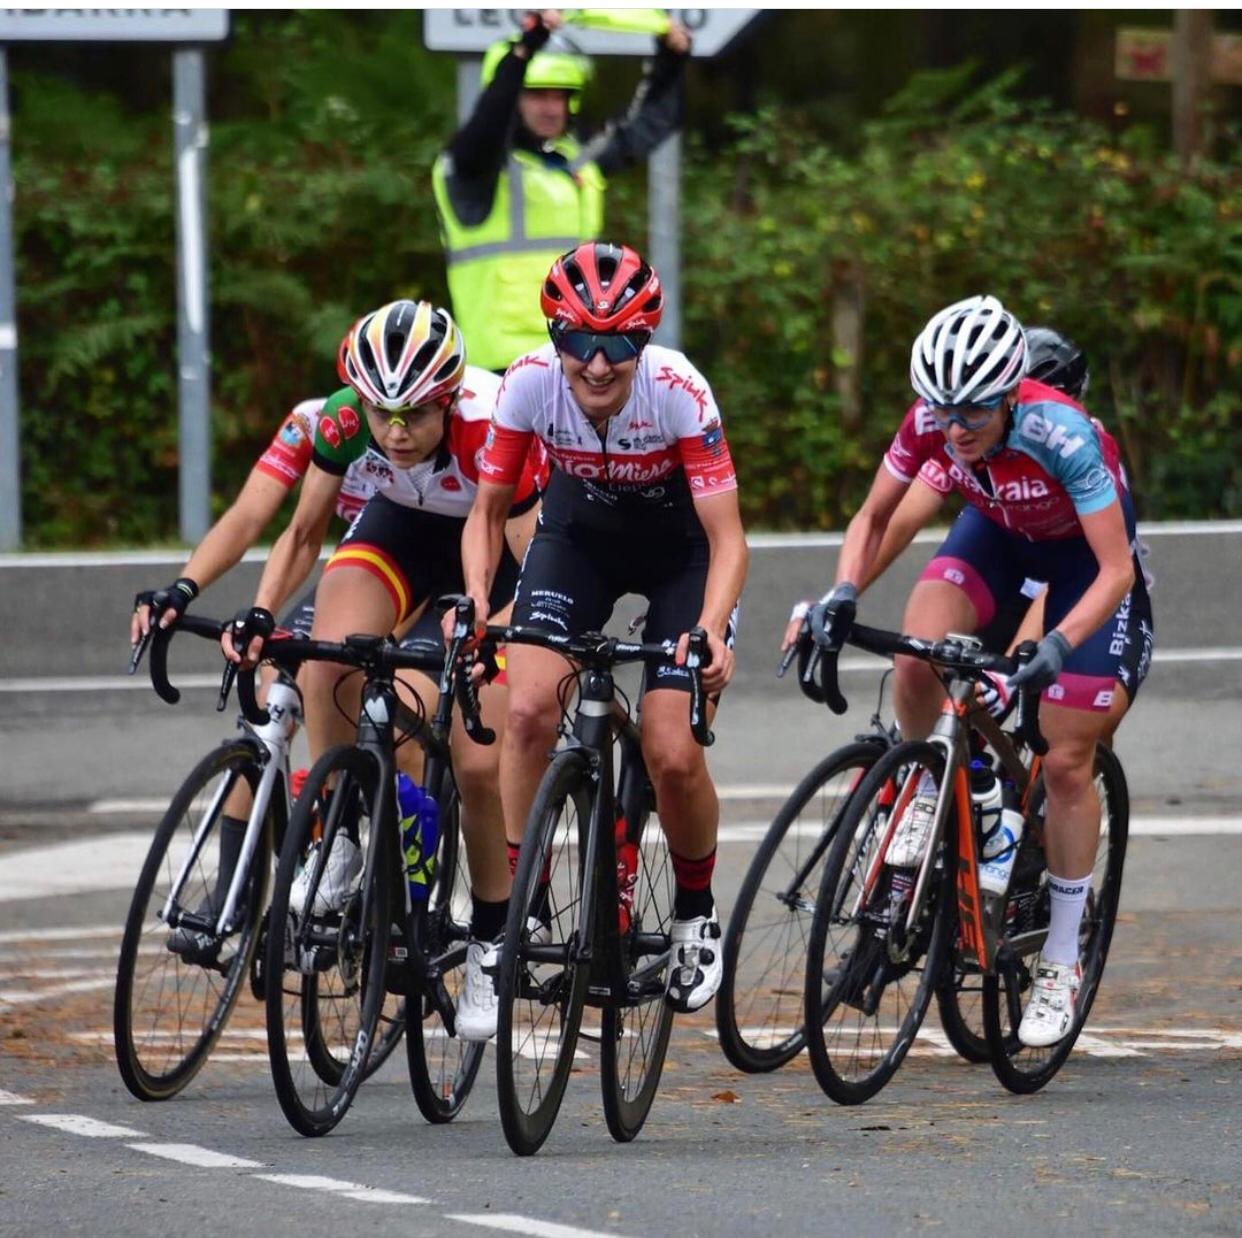 EqaWT86XAAEn lo?format=jpg&name=large - Entrevista a Aida Nuño, la Reina del ciclocross en España